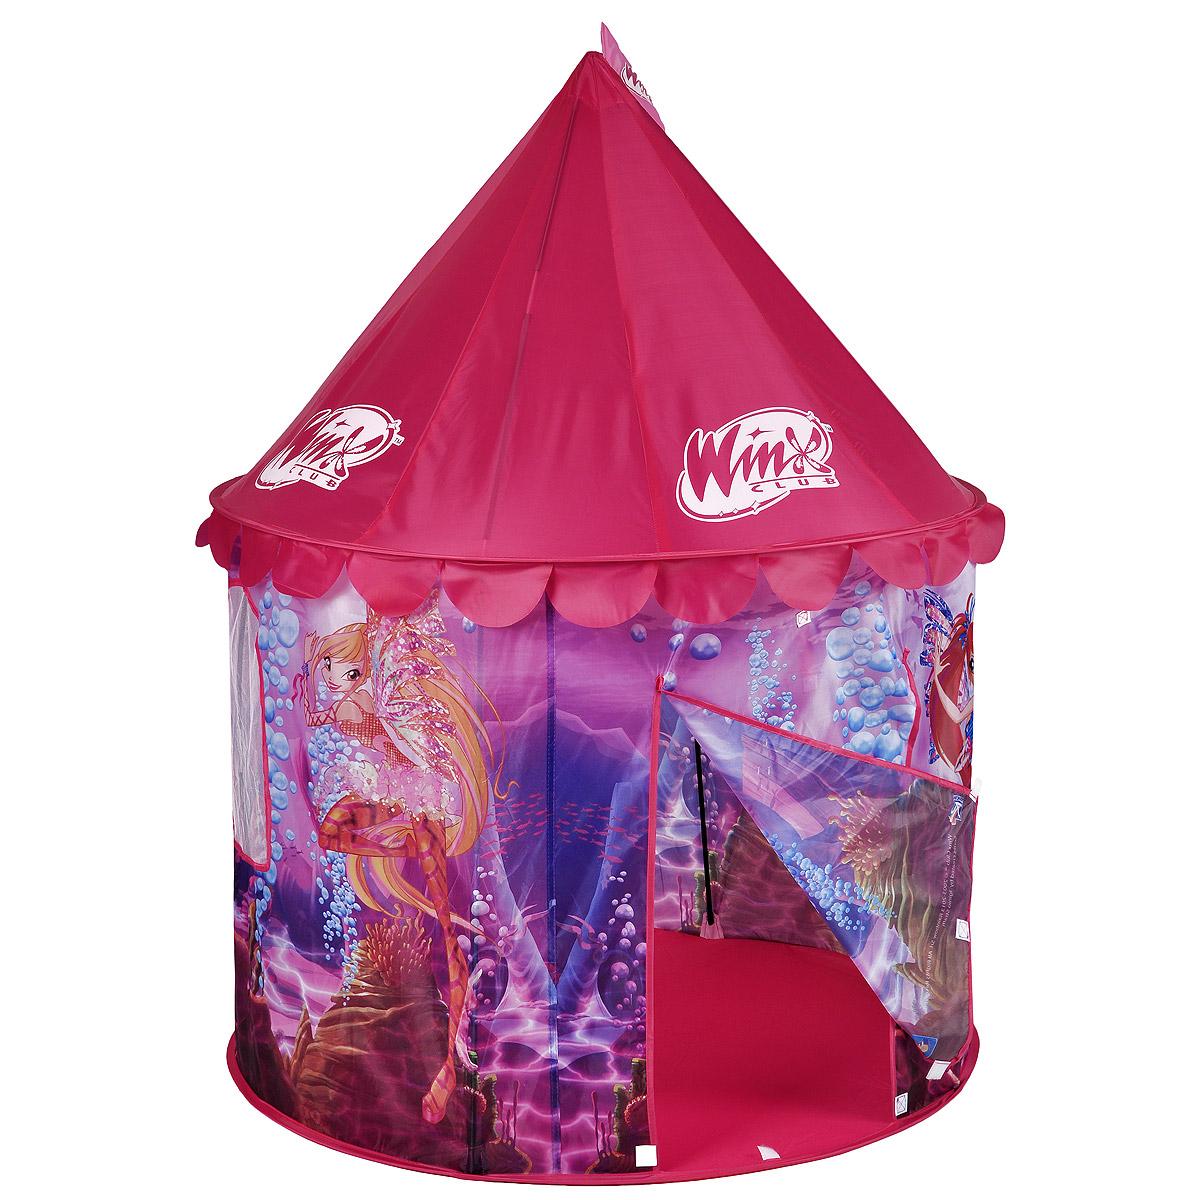 """Детская игровая палатка 1Toy """"Winx Club"""", выполненная в любимом дизайне Winx, идеально подойдет для детских игр, как на улице, так и в помещении. Она выполнена в виде шатра, снабжена одним входом и сетчатым окошком. Палатка изготовлена из легкого текстильного материала ярких цветов. Каркас палатки поддерживается при помощи металлических прутьев. Благодаря своей легкости и компактным размерам в сложенном виде палатку легко перевозить и хранить. Складывается палатка в удобную сумку-чехол с ручками. Ваш ребенок с удовольствием будет играть в такой палатке, придумывая различные истории. Учеными давно подмечен факт, что ребенок чувствует себя психологически более защищенным, находясь под крышей, соответствующей его росту - именно поэтому дети очень любят лазить под стол, залезать в шкаф. В палатке 1Toy """"Winx Club"""" ребенок будет чувствовать себя максимально уютно."""